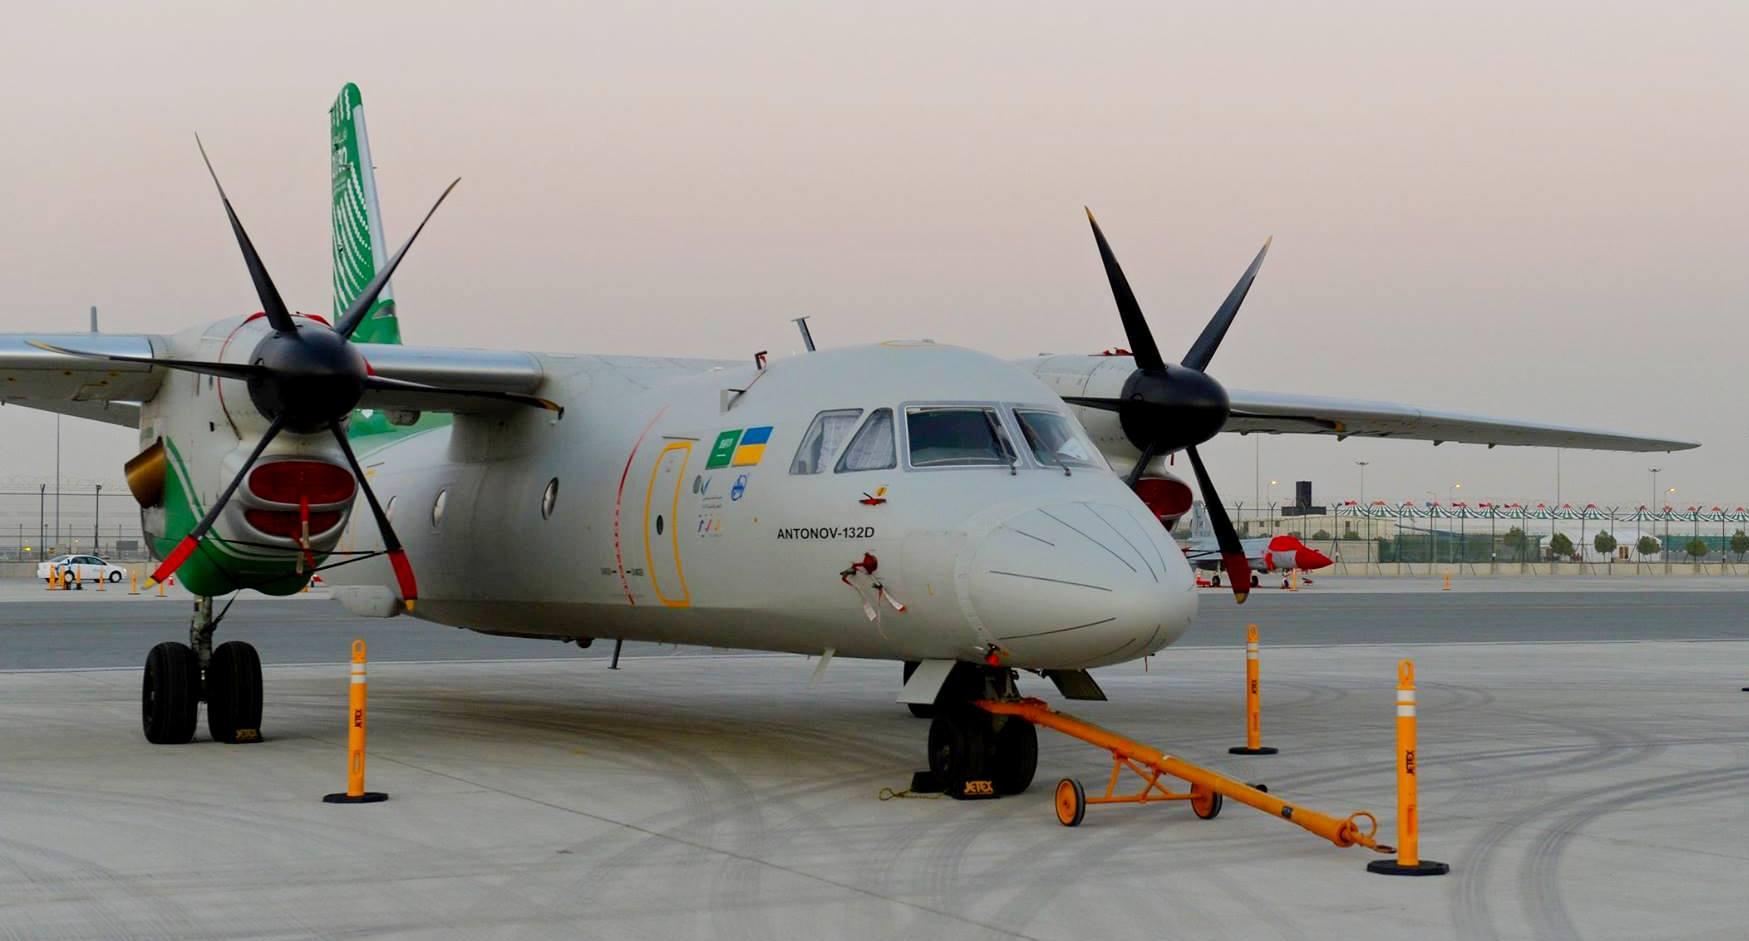 Куда полетят украинские самолеты. Стратегия нового главы Антонова